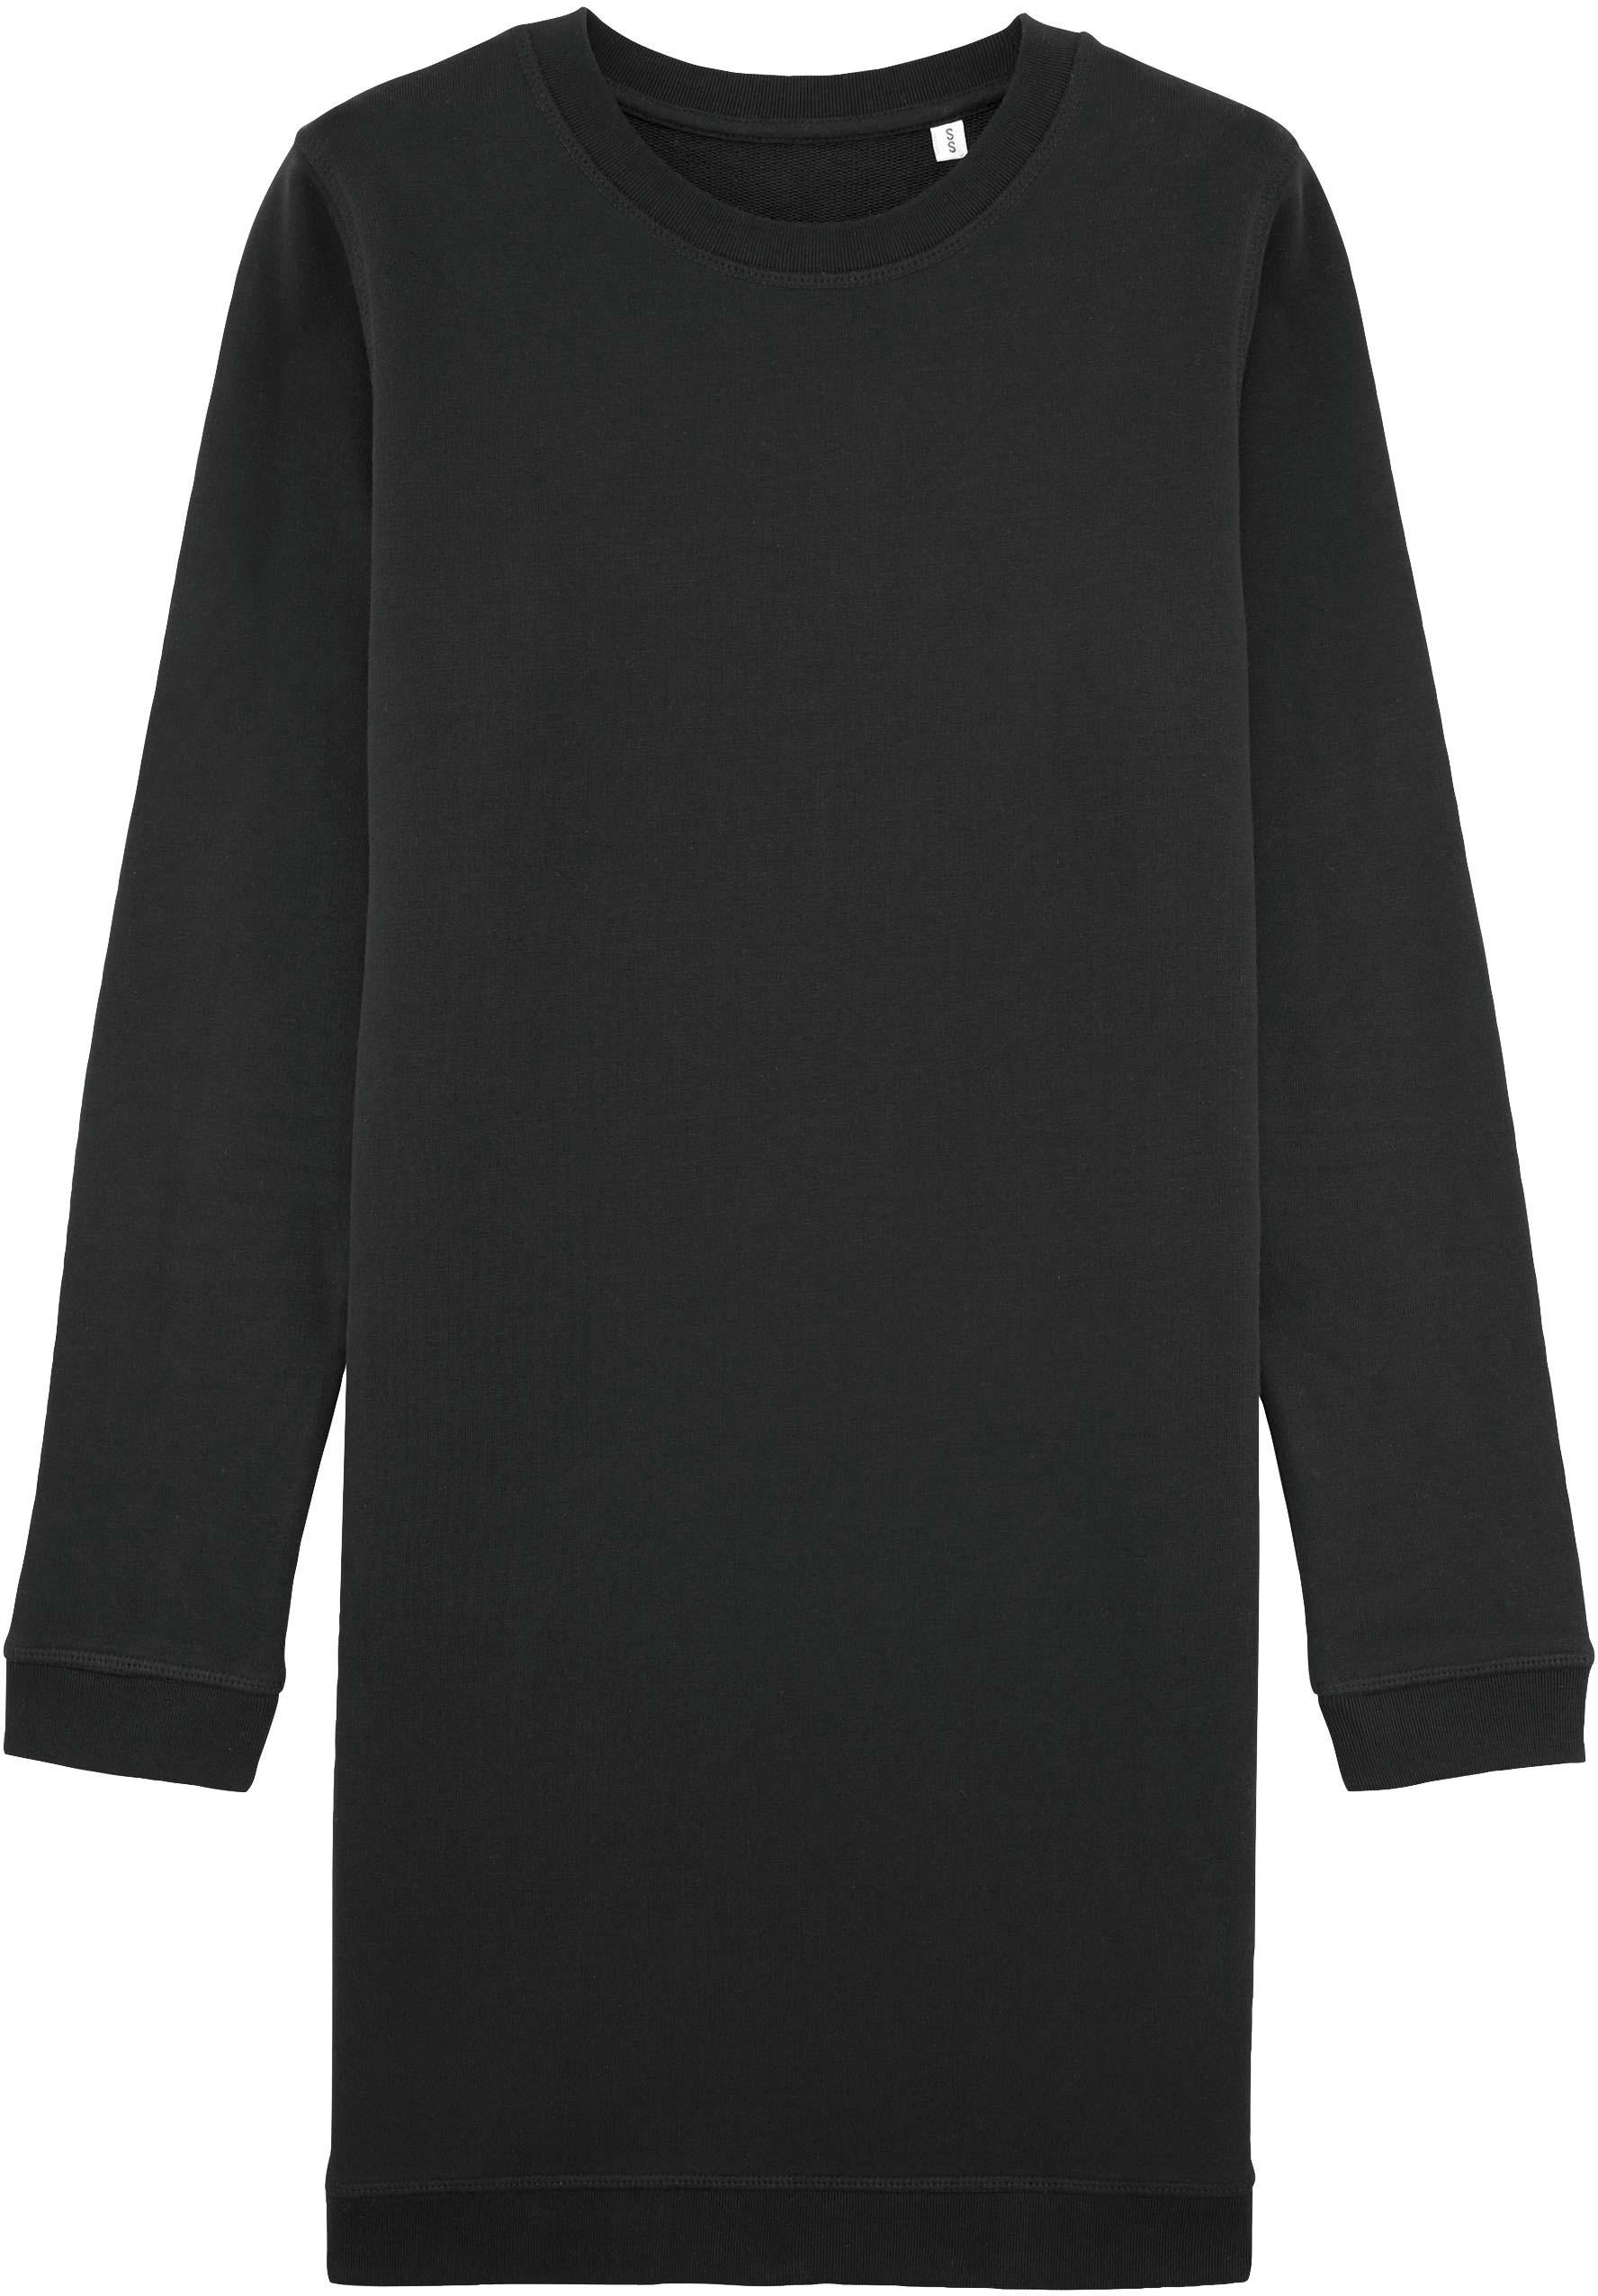 2ac903ee3432ea Faires Sweatshirt-Kleid aus Bio-Baumwolle schwarz | grundstoff.net